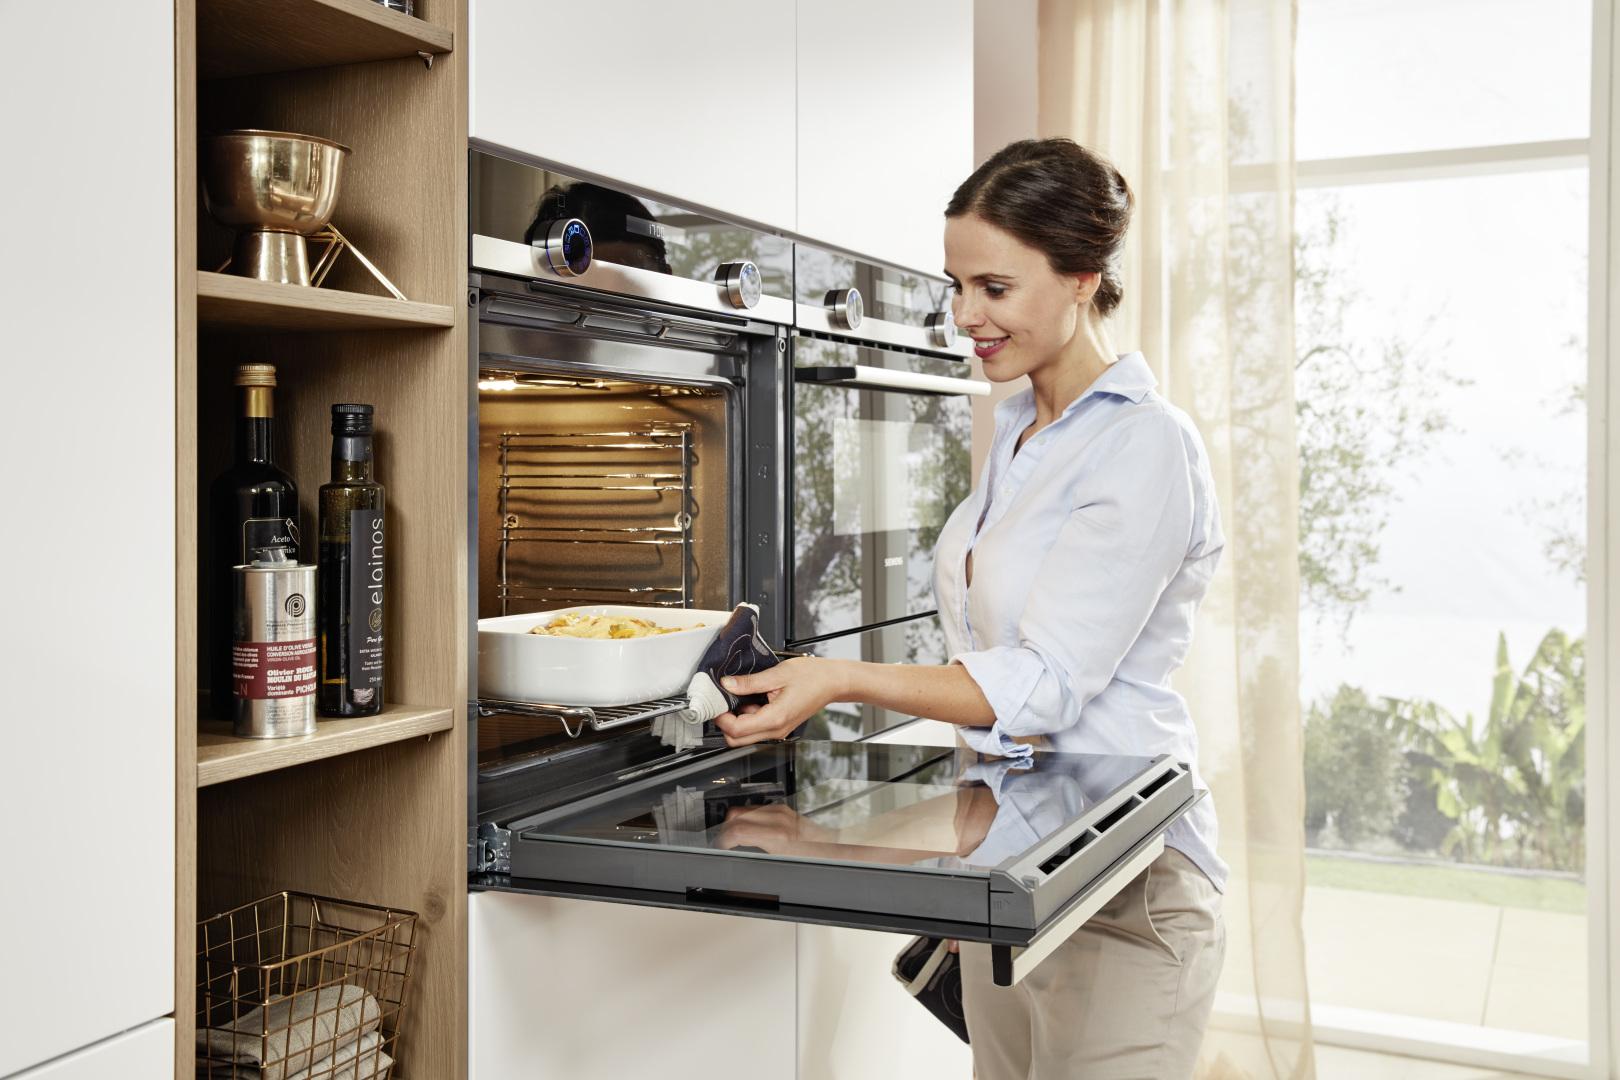 piekarnik zabudowany wysoko - wygoda i ergonomia w kuchni